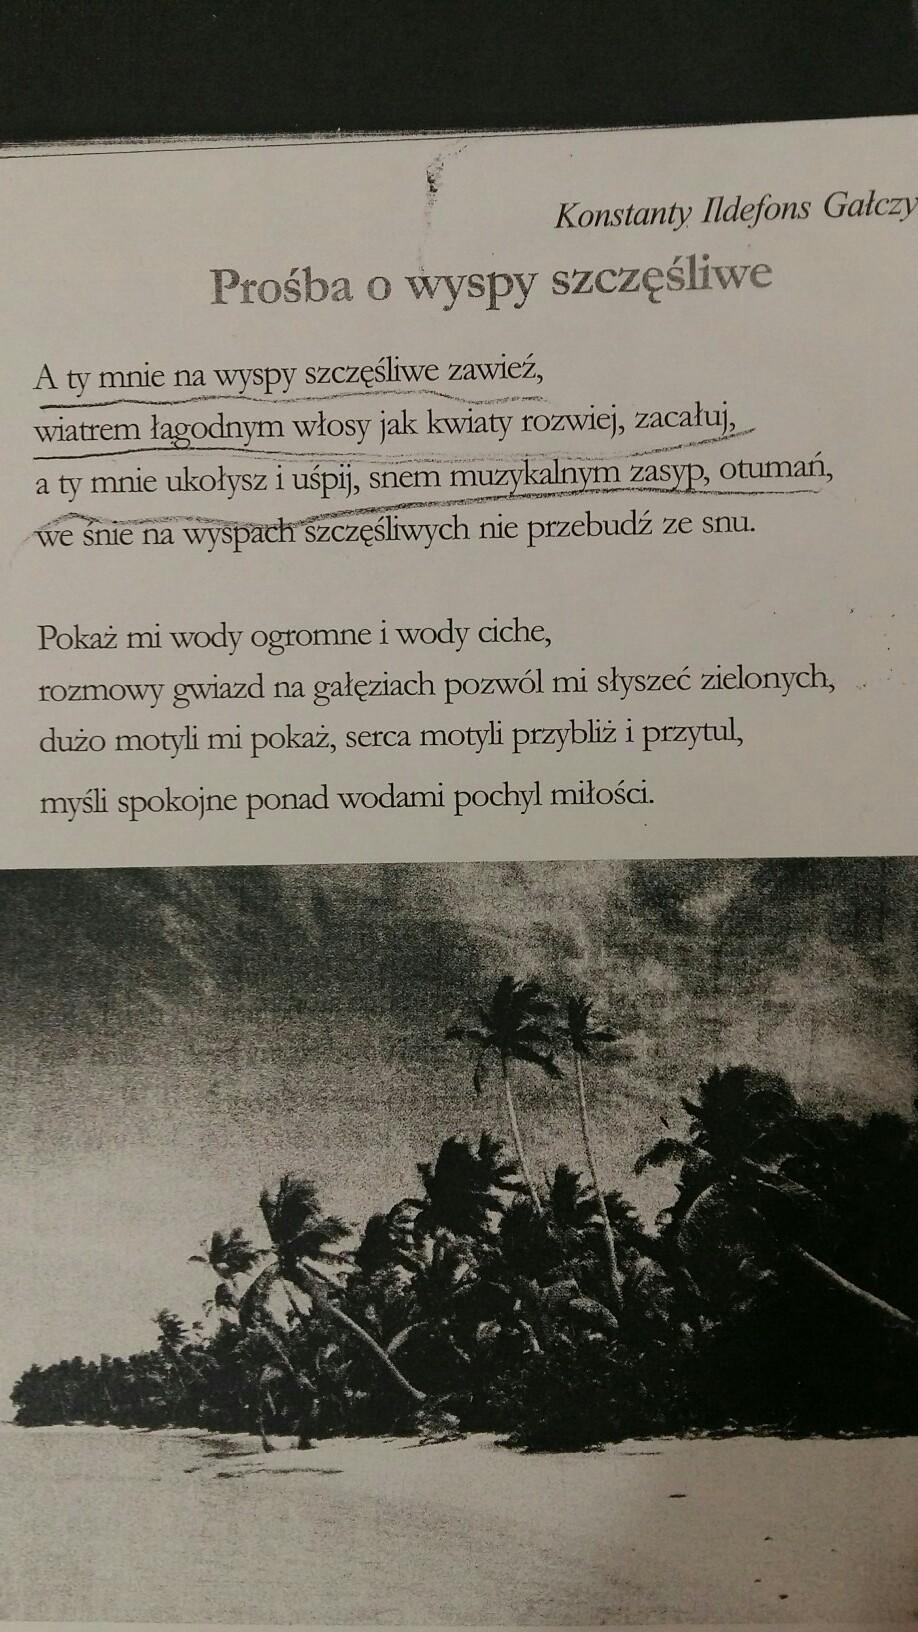 Opisz Załącznik 1 Co Jest Tematem Wiersza 2 Jaki Jest